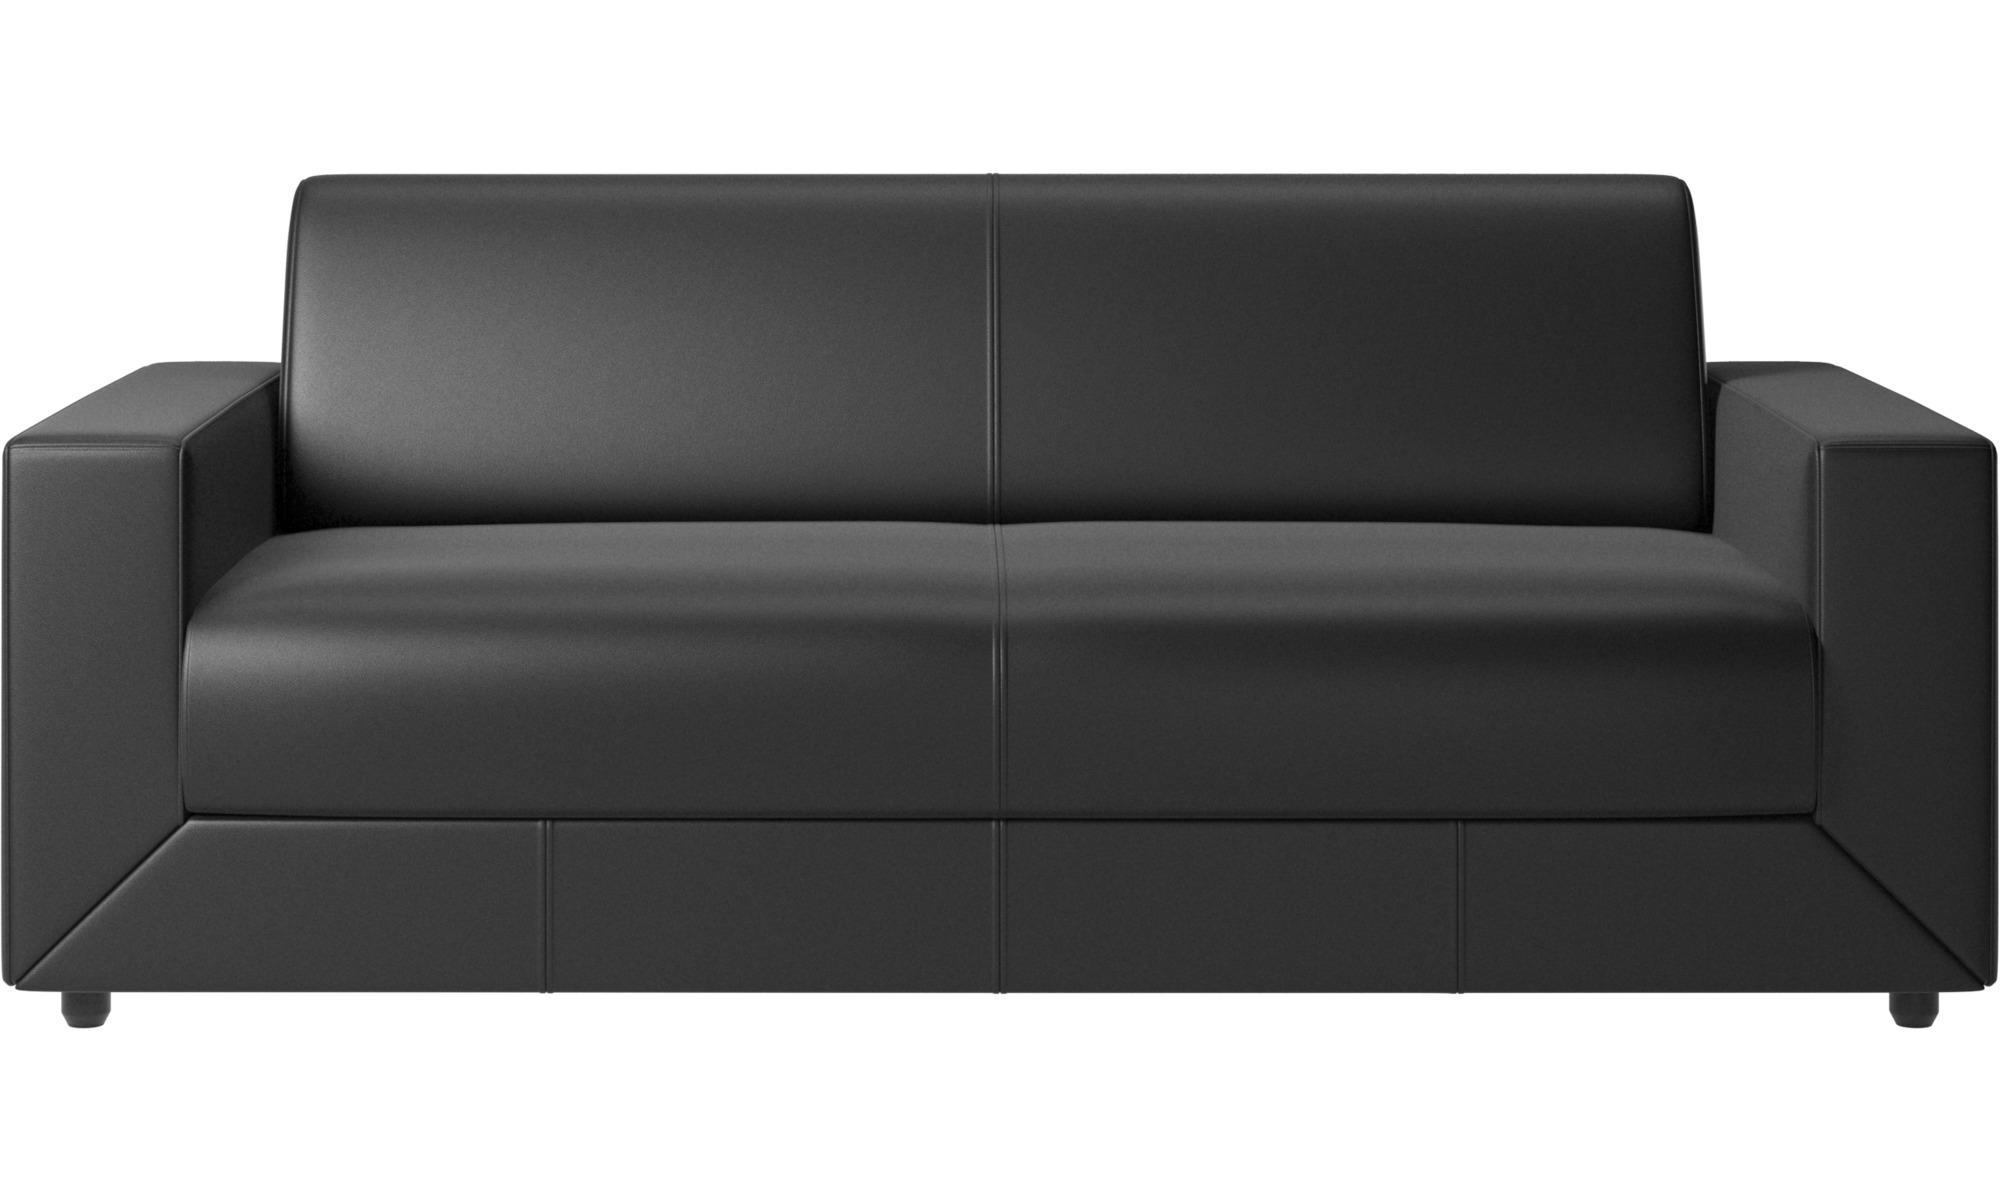 Sofa Beds Stockholm Bed Boconcept